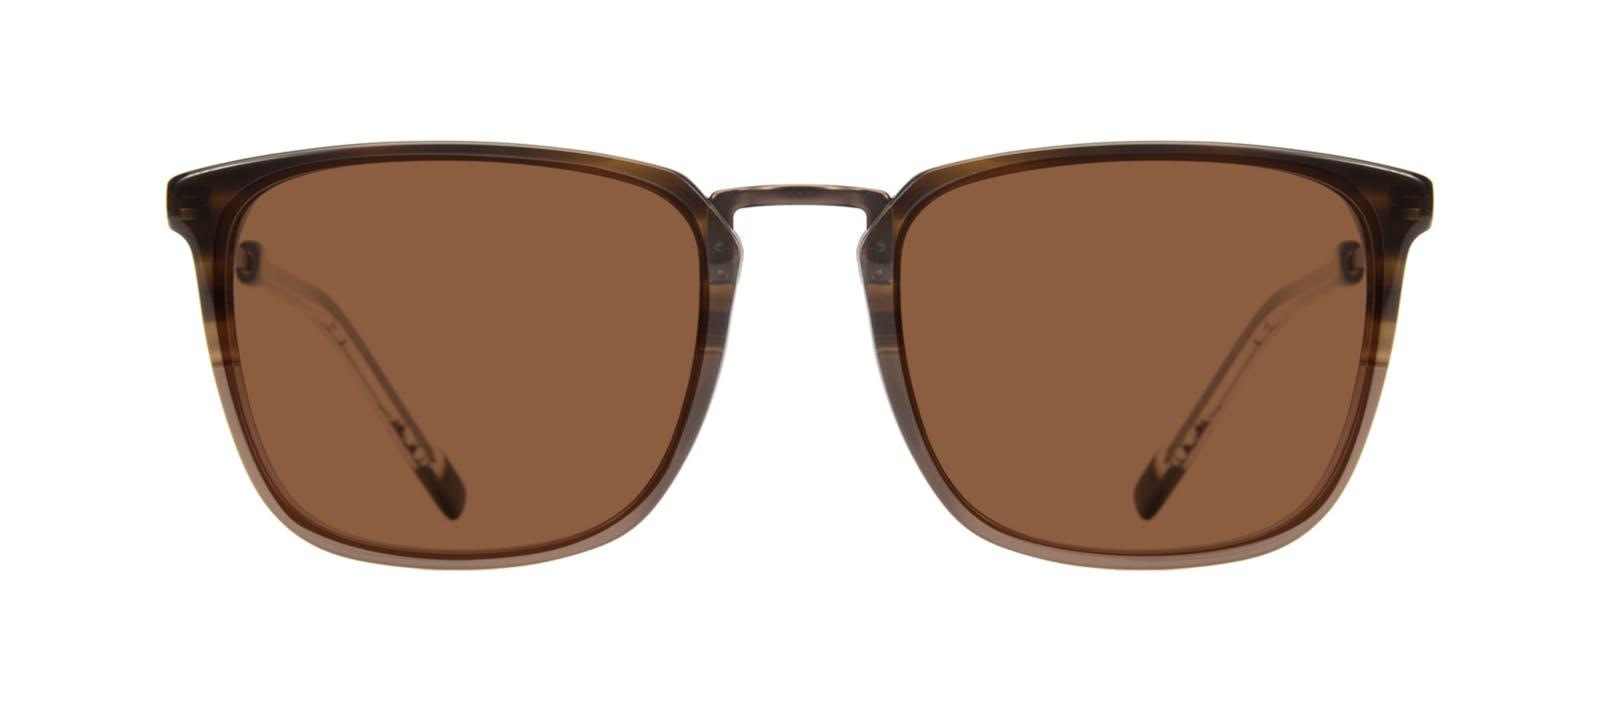 09620f9552 Men s Sunglasses - Current in Mud